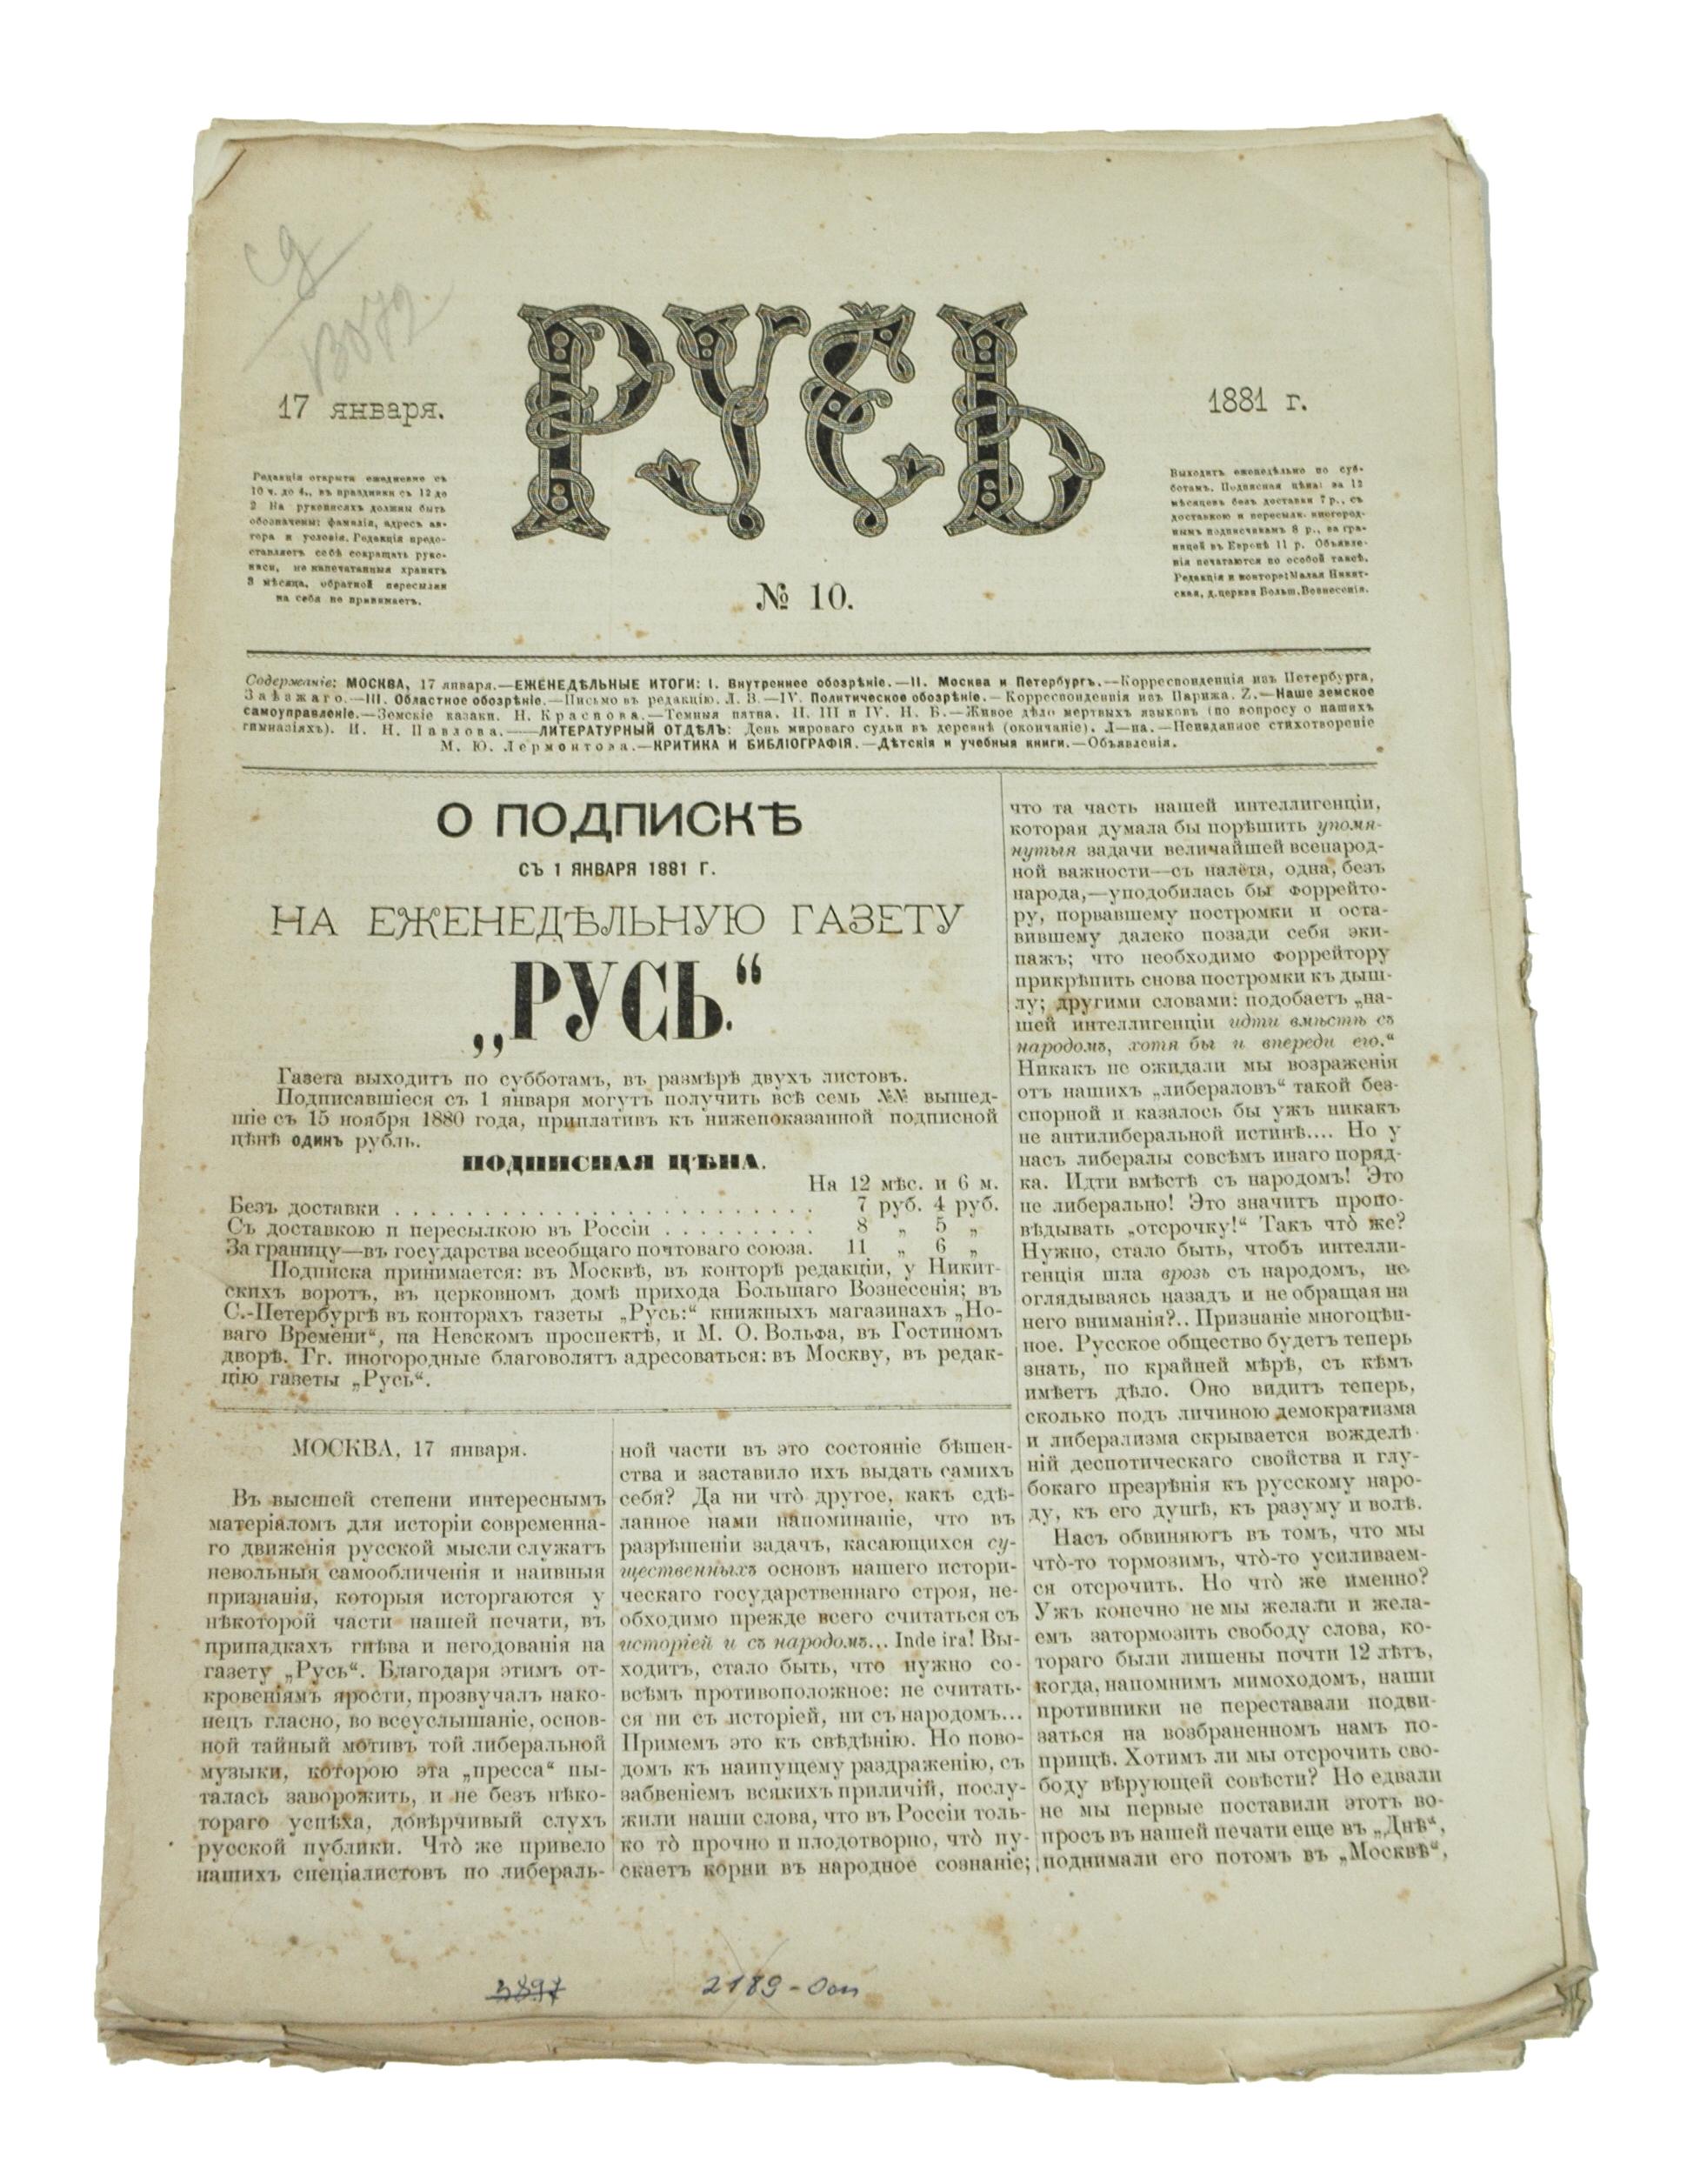 ЛОК-6566 ТАРХАНЫ КП-12667  Газета Русь. № 10. (17 января)_1